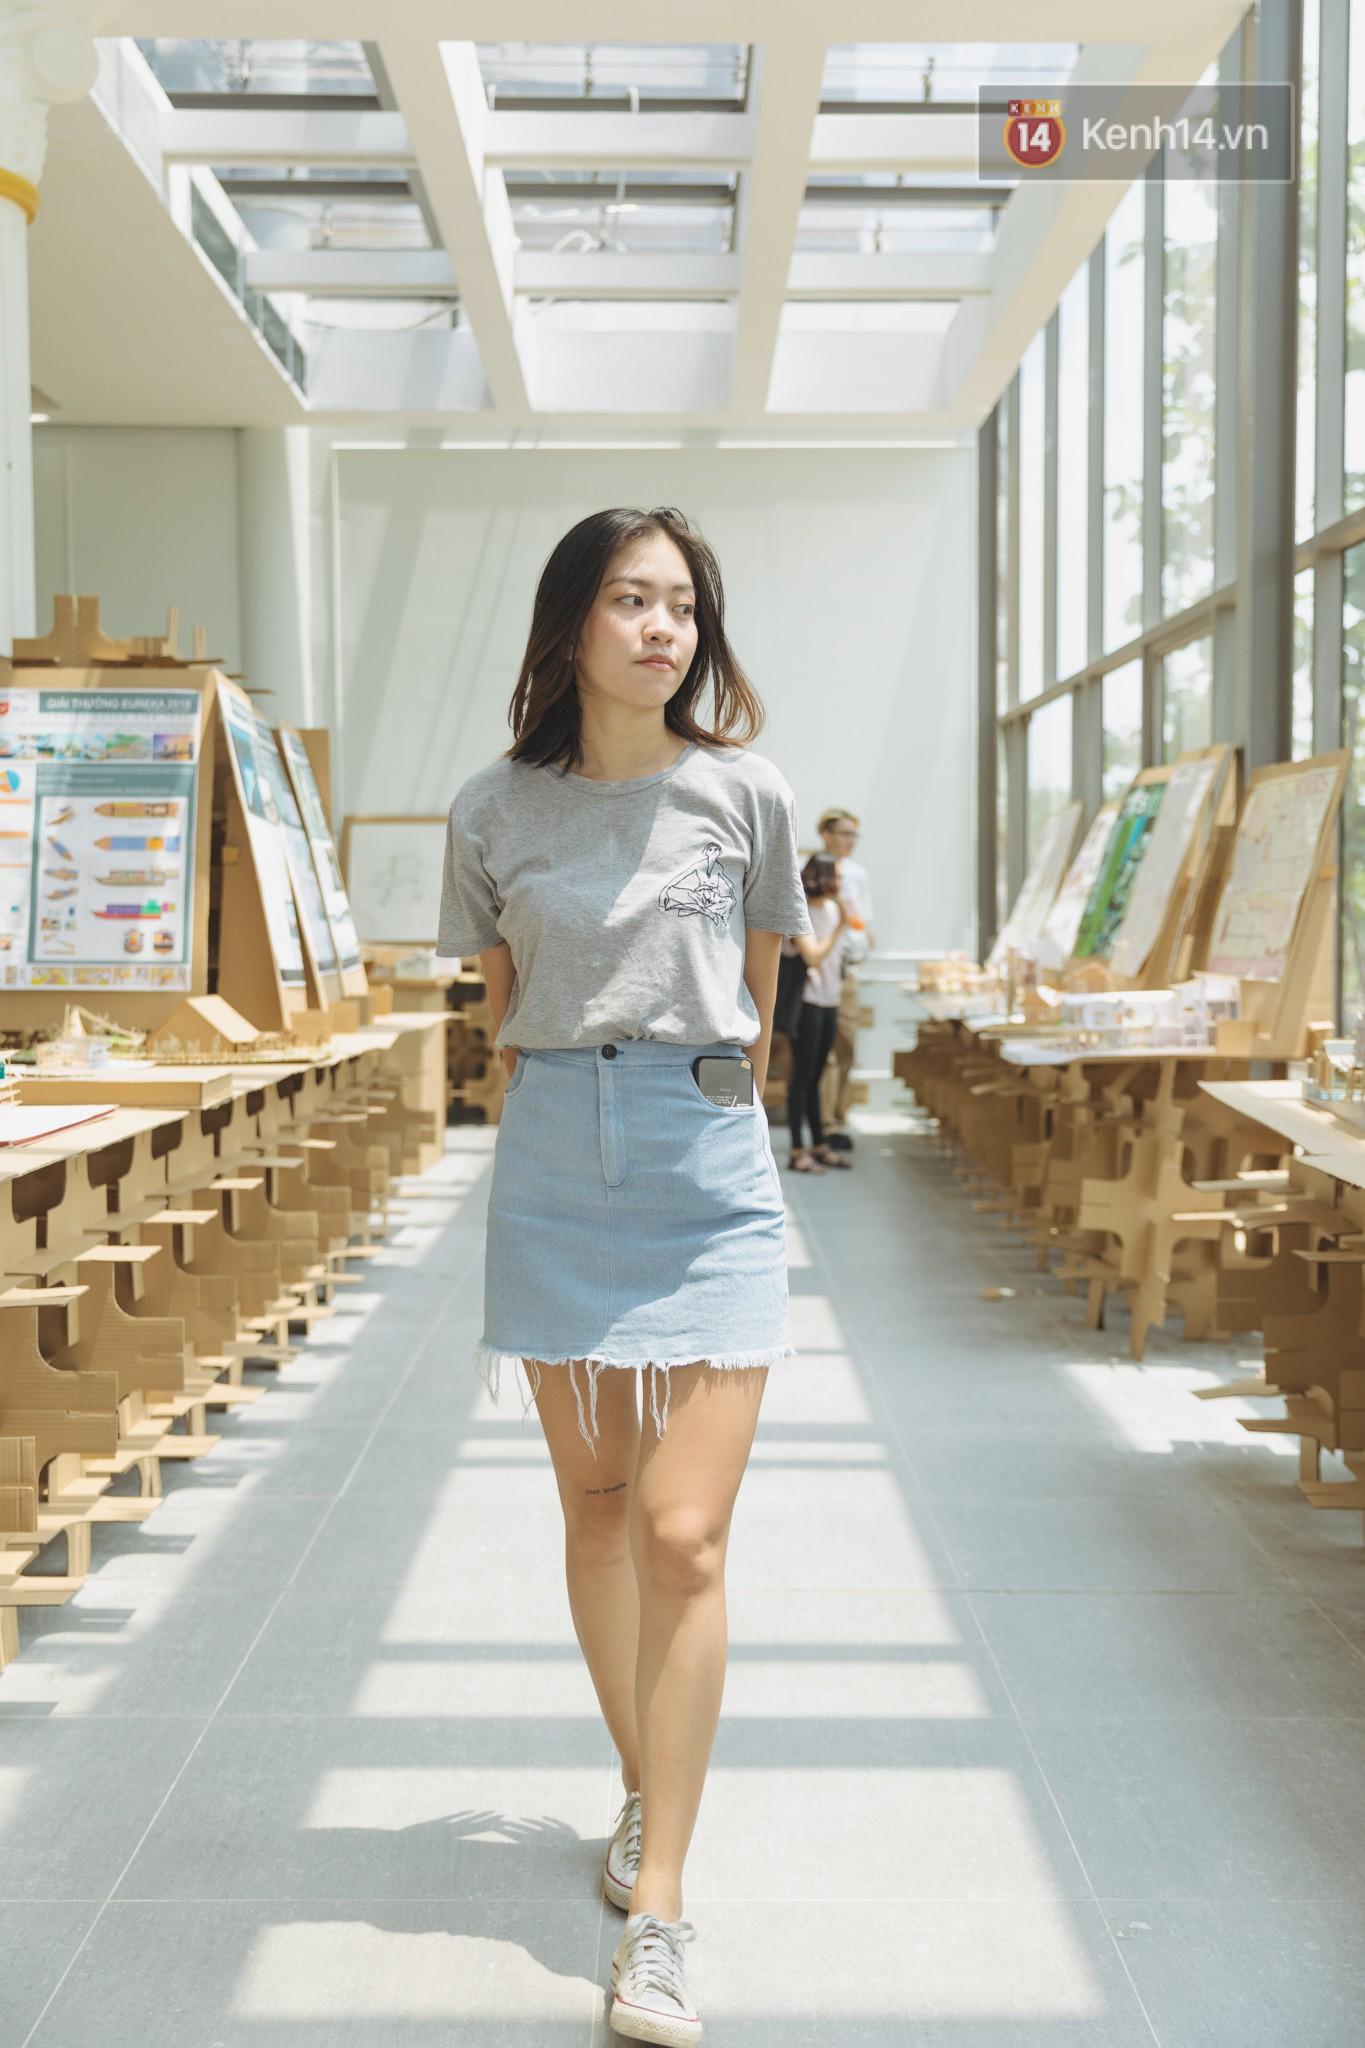 Thiên đường sống ảo mới ở Sài Gòn gọi tên ĐH Văn Lang: Đẹp như trung tâm thương mại, lên hình lung linh bất chấp mọi ngóc ngách - Ảnh 10.